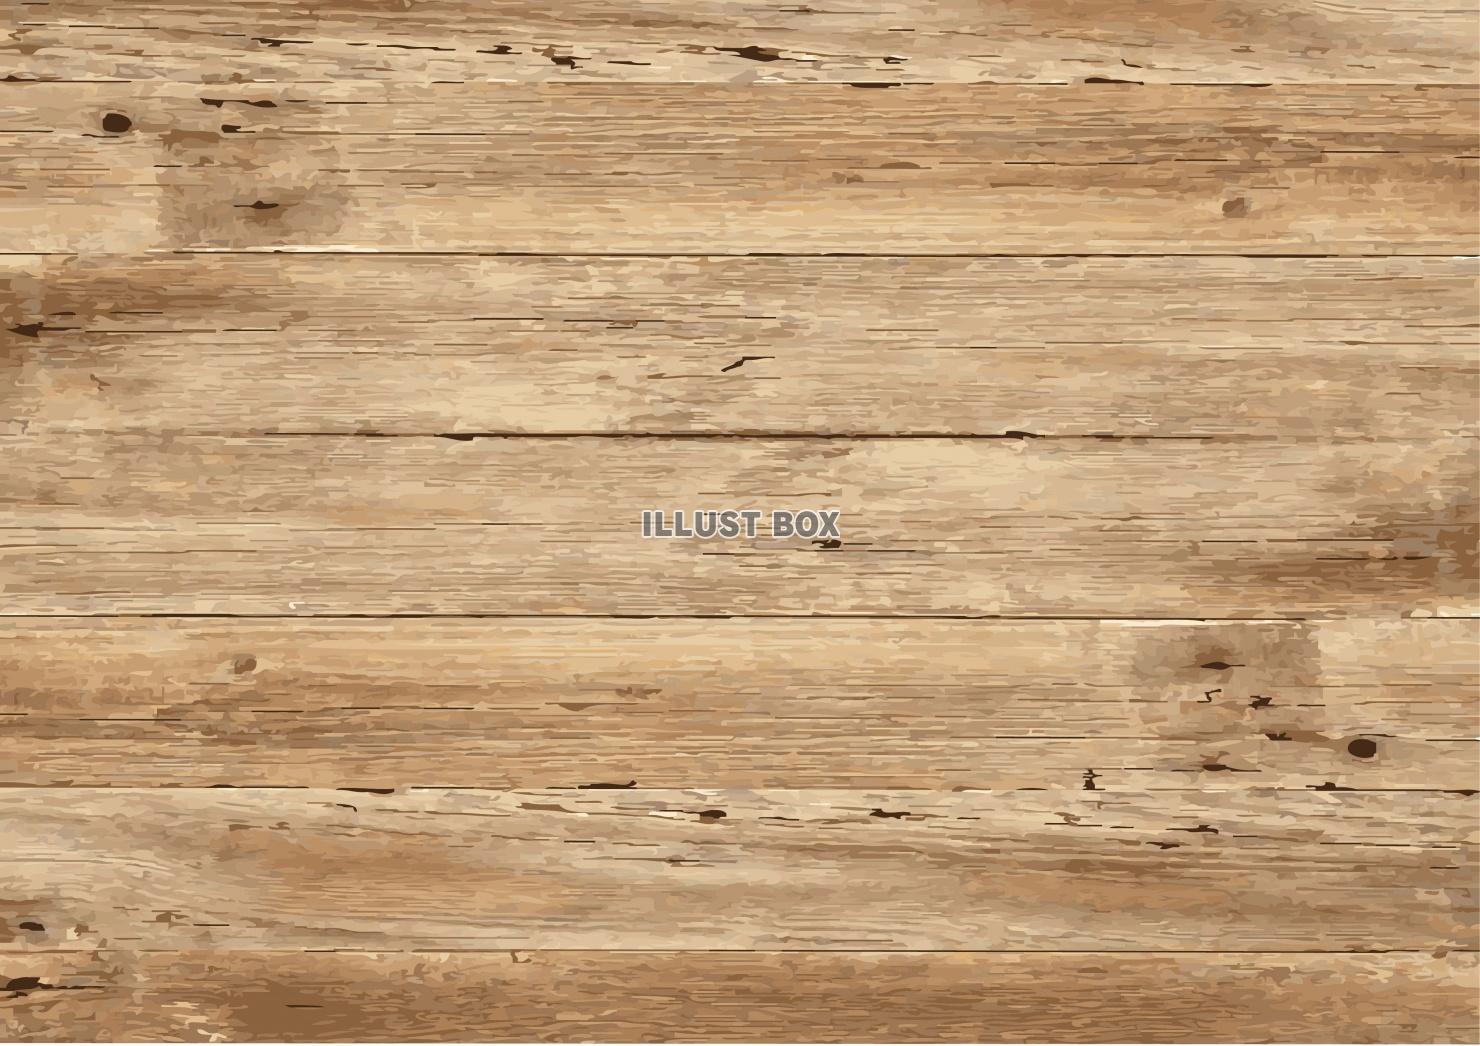 無料イラスト 木目の背景素材 ナチュラルな木目